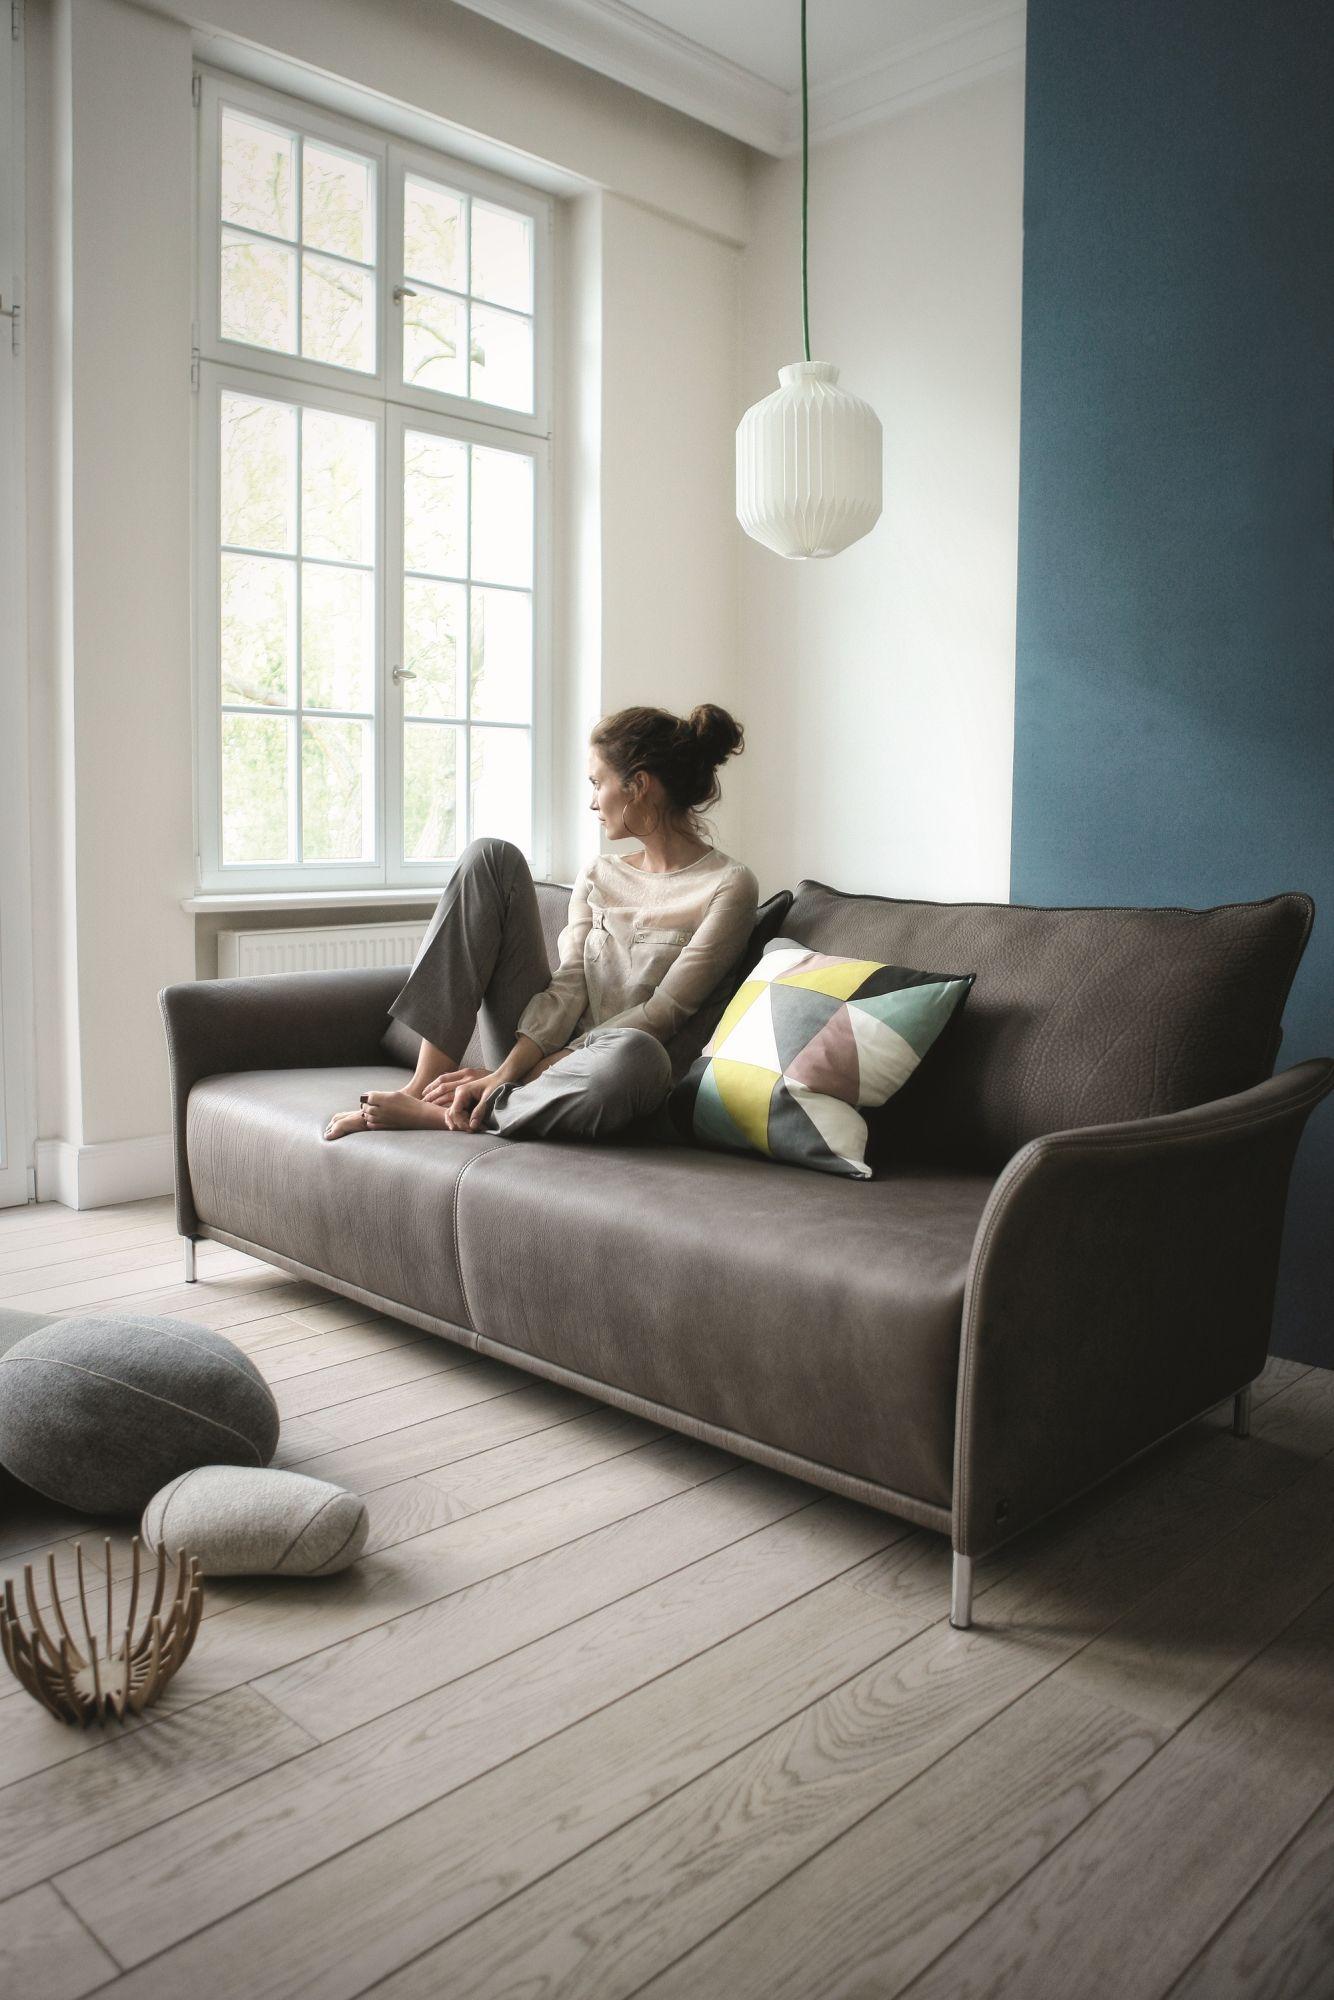 Full Size of Wk Sofa Wohnen Individuell Heimkino Luxus 3er Grau Xxl U Form Erpo Terassen Mit Elektrischer Sitztiefenverstellung Günstig 3 Sitzer L Schlaffunktion Hussen Sofa Wk Sofa